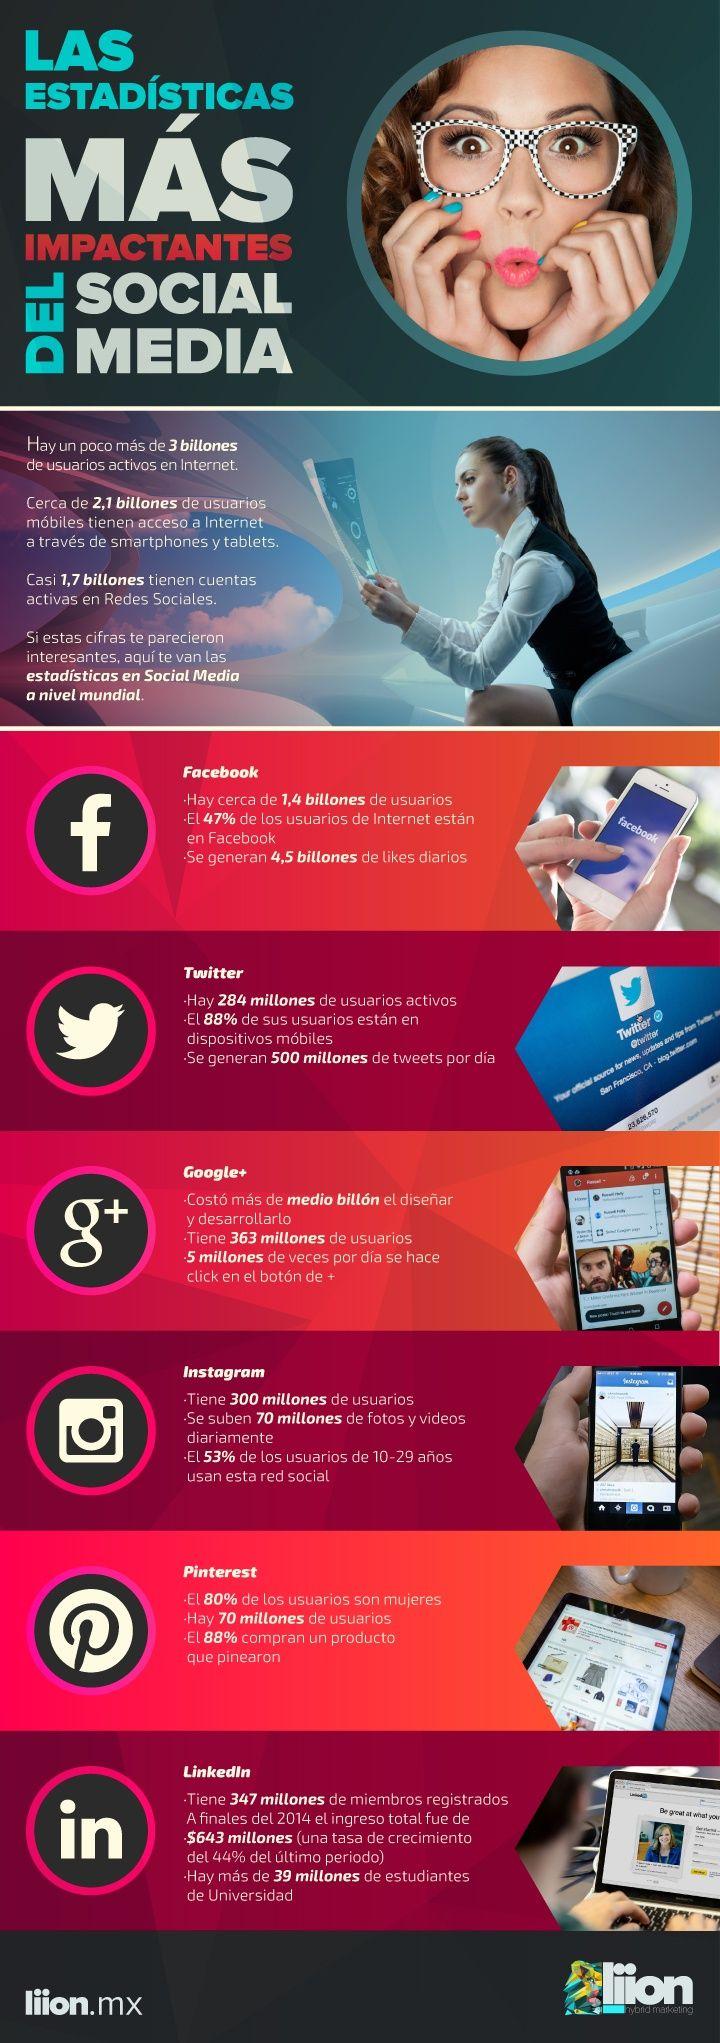 Hola: Una infografía con las estadísticas más impactantes de las Redes Sociales. Vía Un saludo